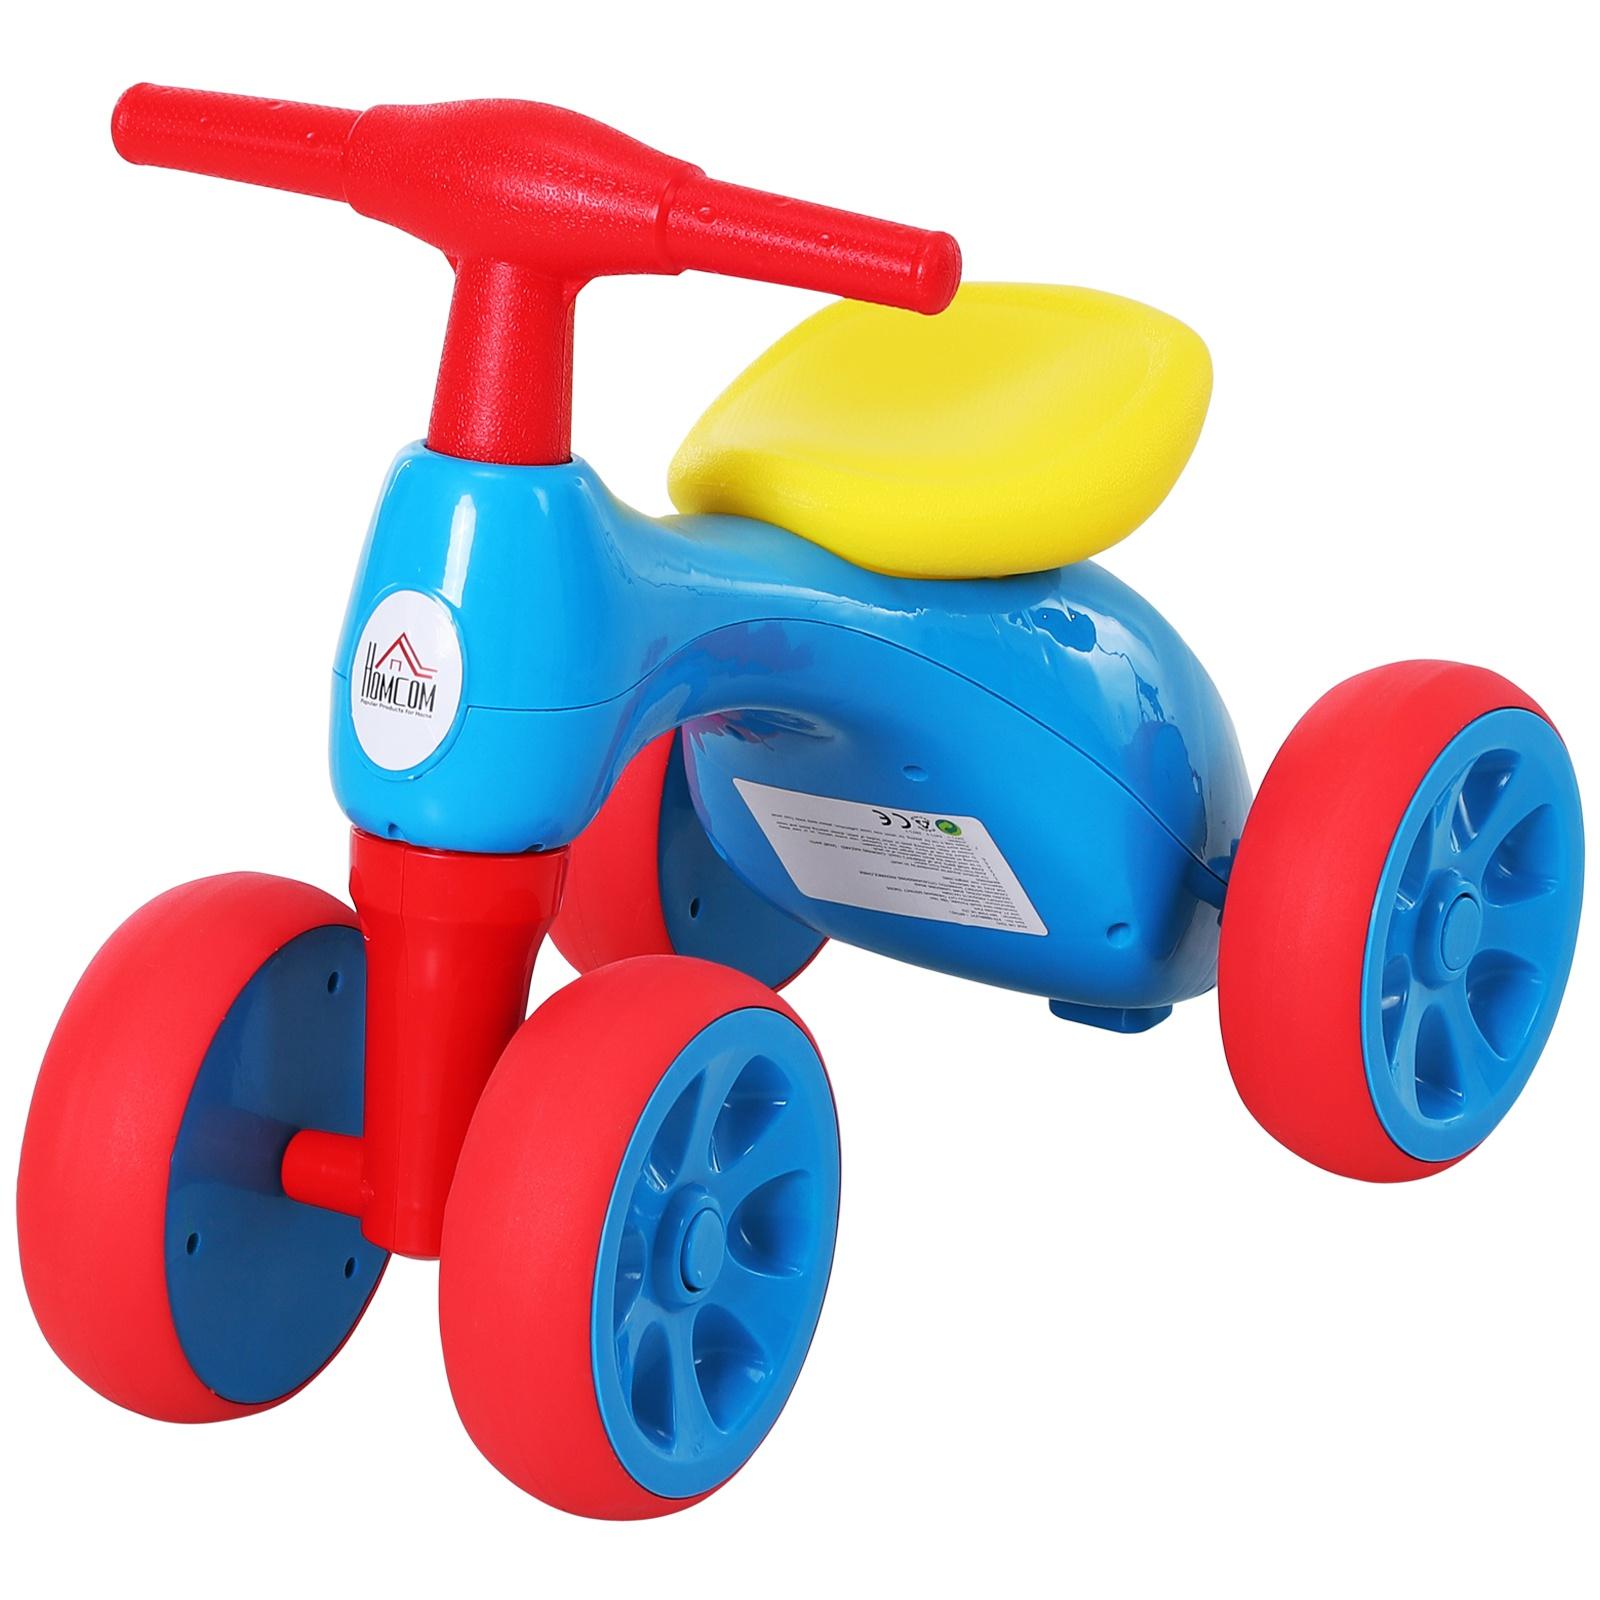 Homcom Bicicleta fara Pedale pentru Copii intre 18 si 36 Luni Rosu Albastru si Galben imagine aosom.ro